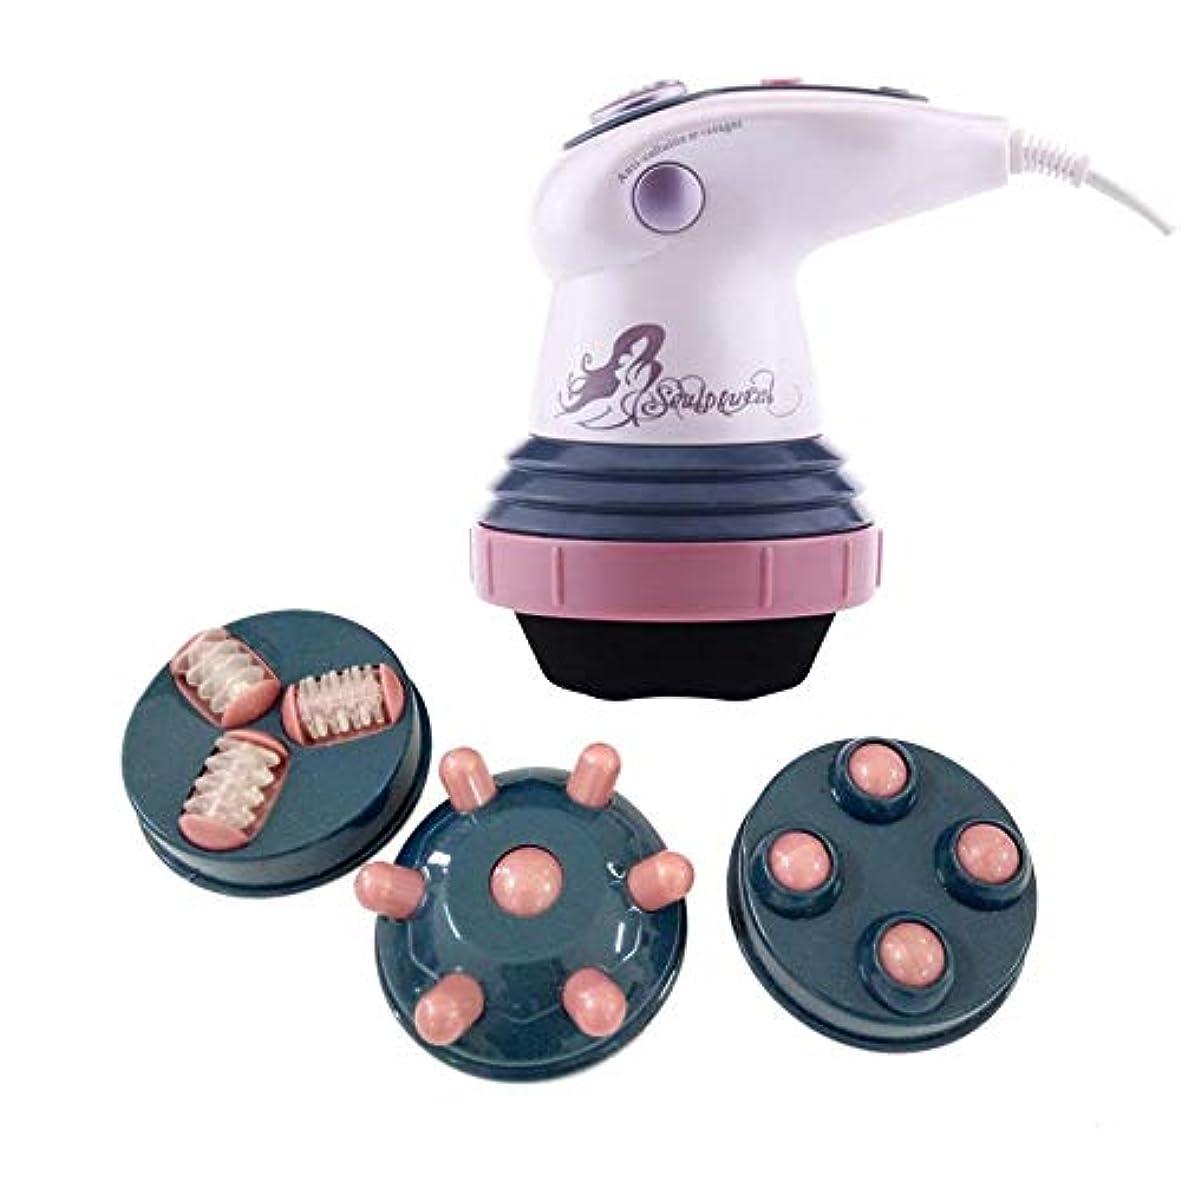 子孫骨の折れる小売低ノイズの赤外線電気脂肪燃焼は、マッサージャーアンチセルライトボディマッサージマシンをSlim身するボディを削除します-ピンク